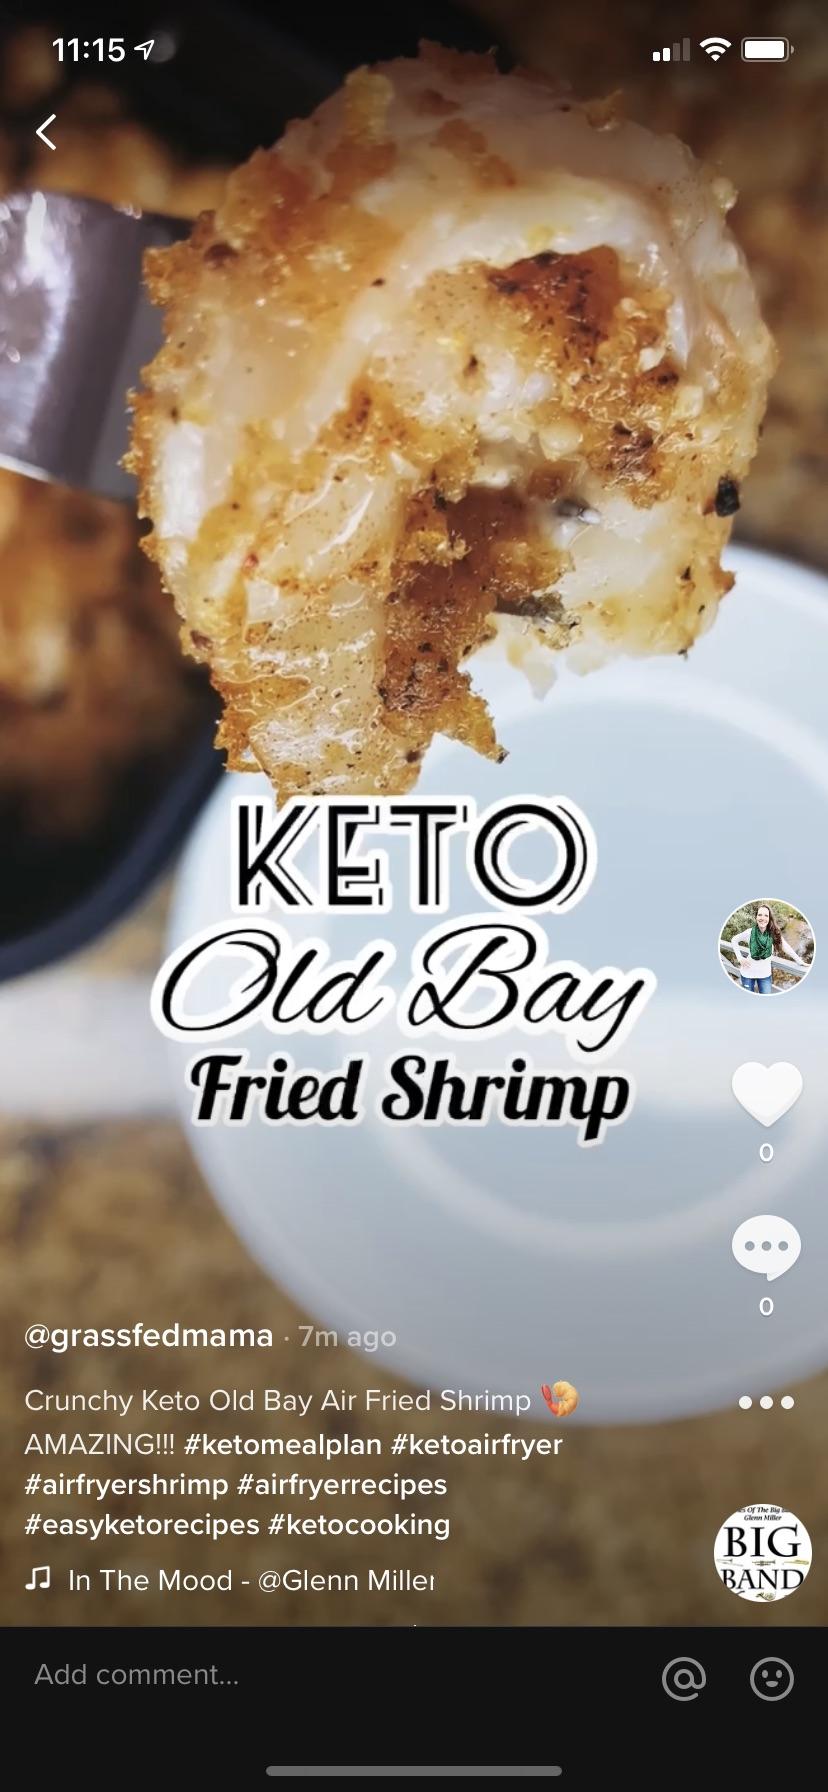 Keto Old Bay Air Fried Shrimp